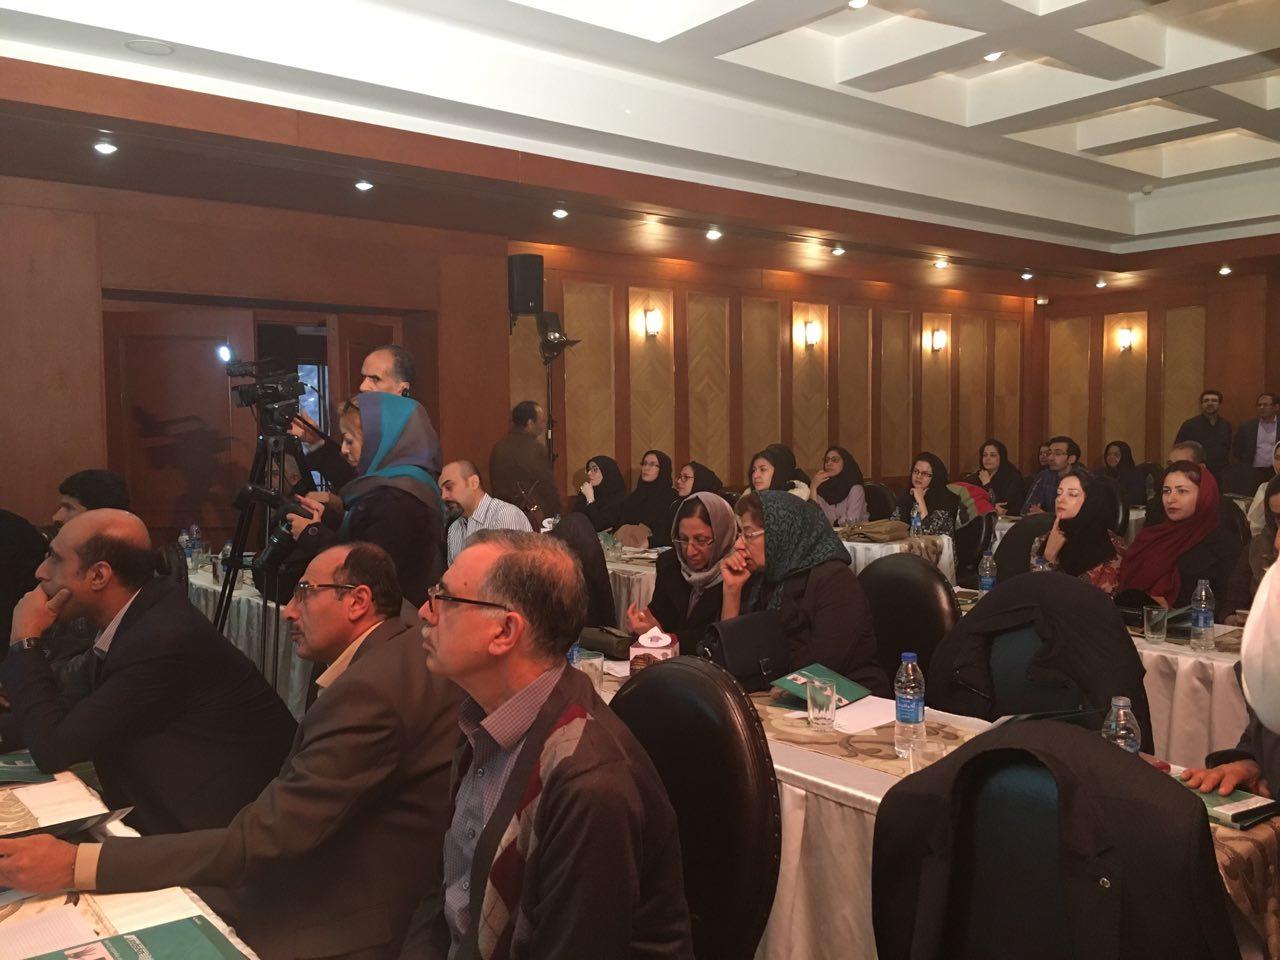 کنفرانس بیوفیدبک با حضور استاد دکتر رییسی- هتل شیراز-1395